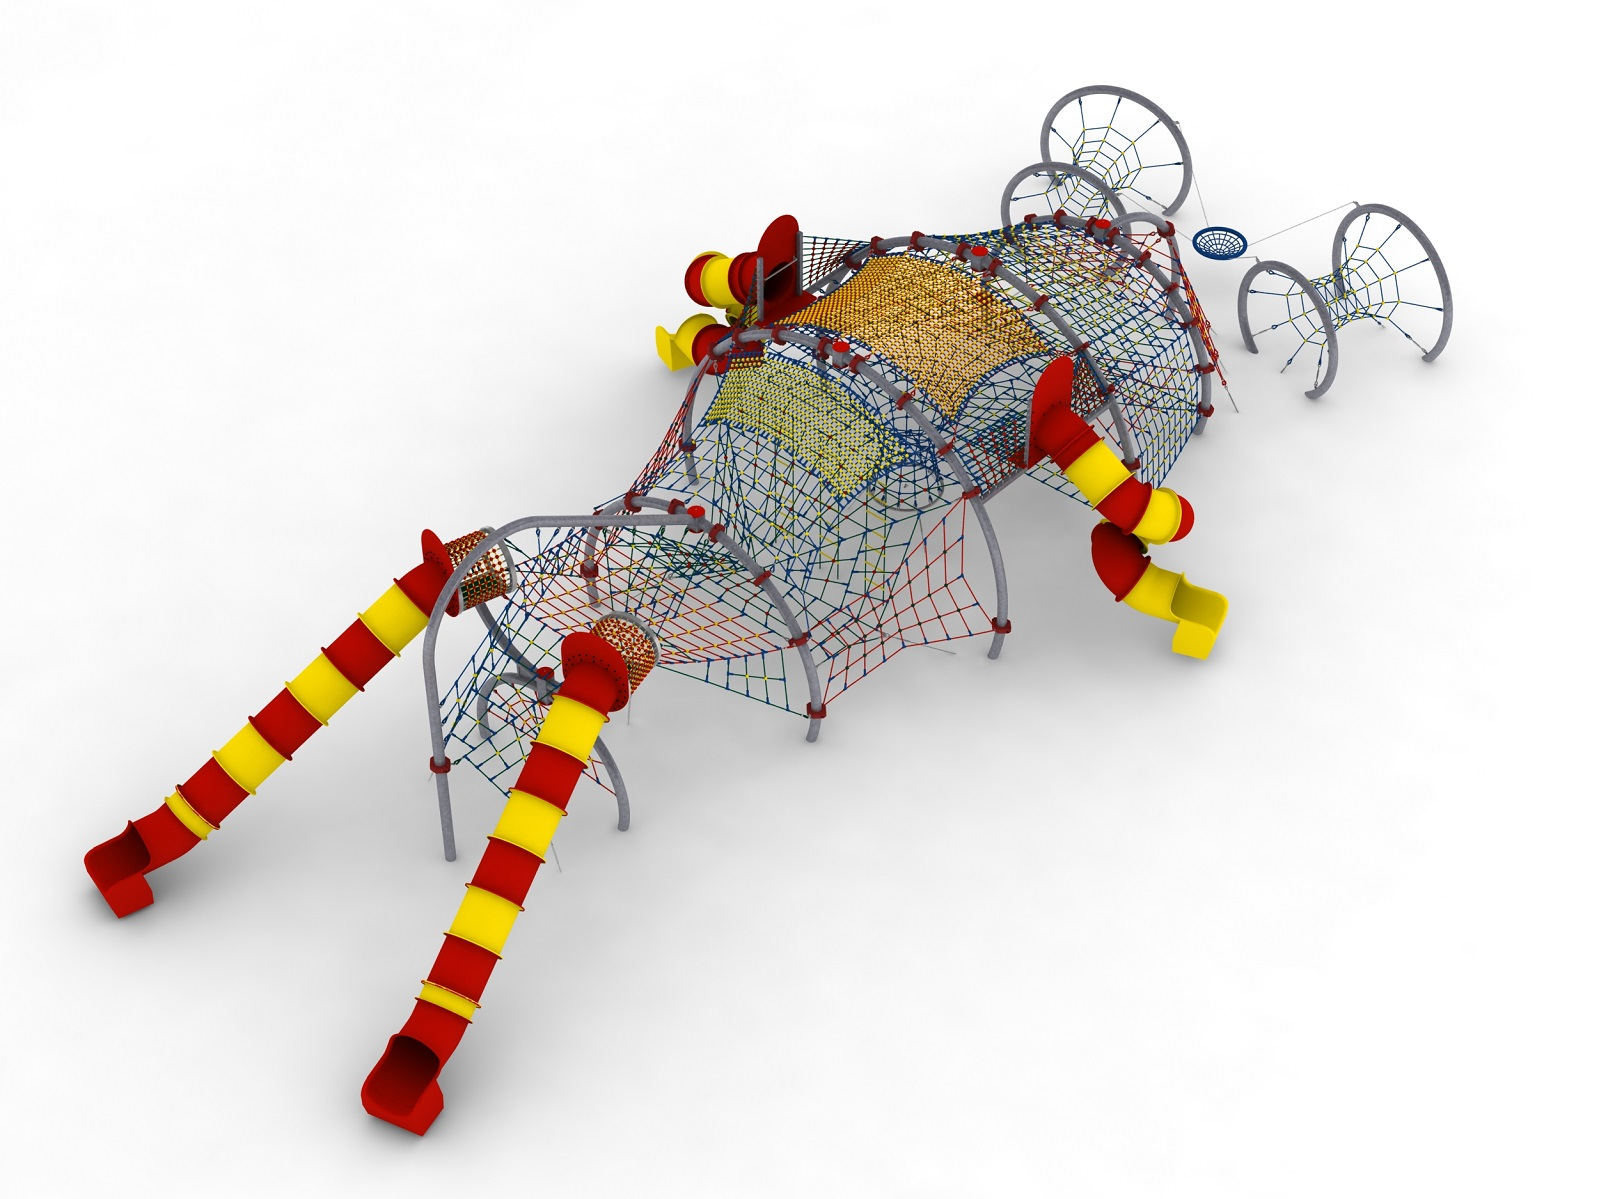 Indywidualny projekt linowego placu zabaw - Sterowiec Błonie - Magicnets